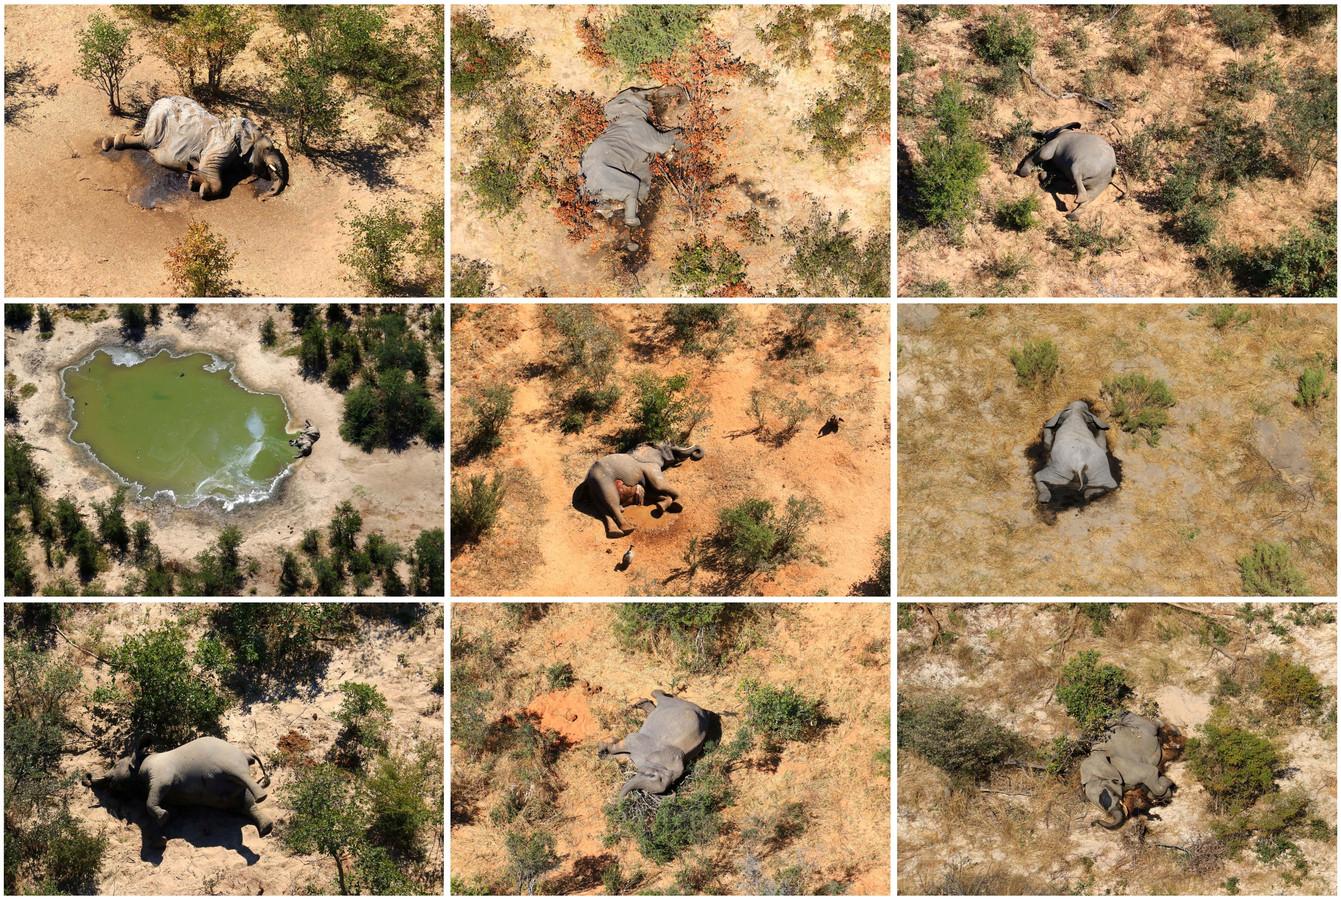 Karkassen van dode olifanten nabij met blauwalg besmet water.